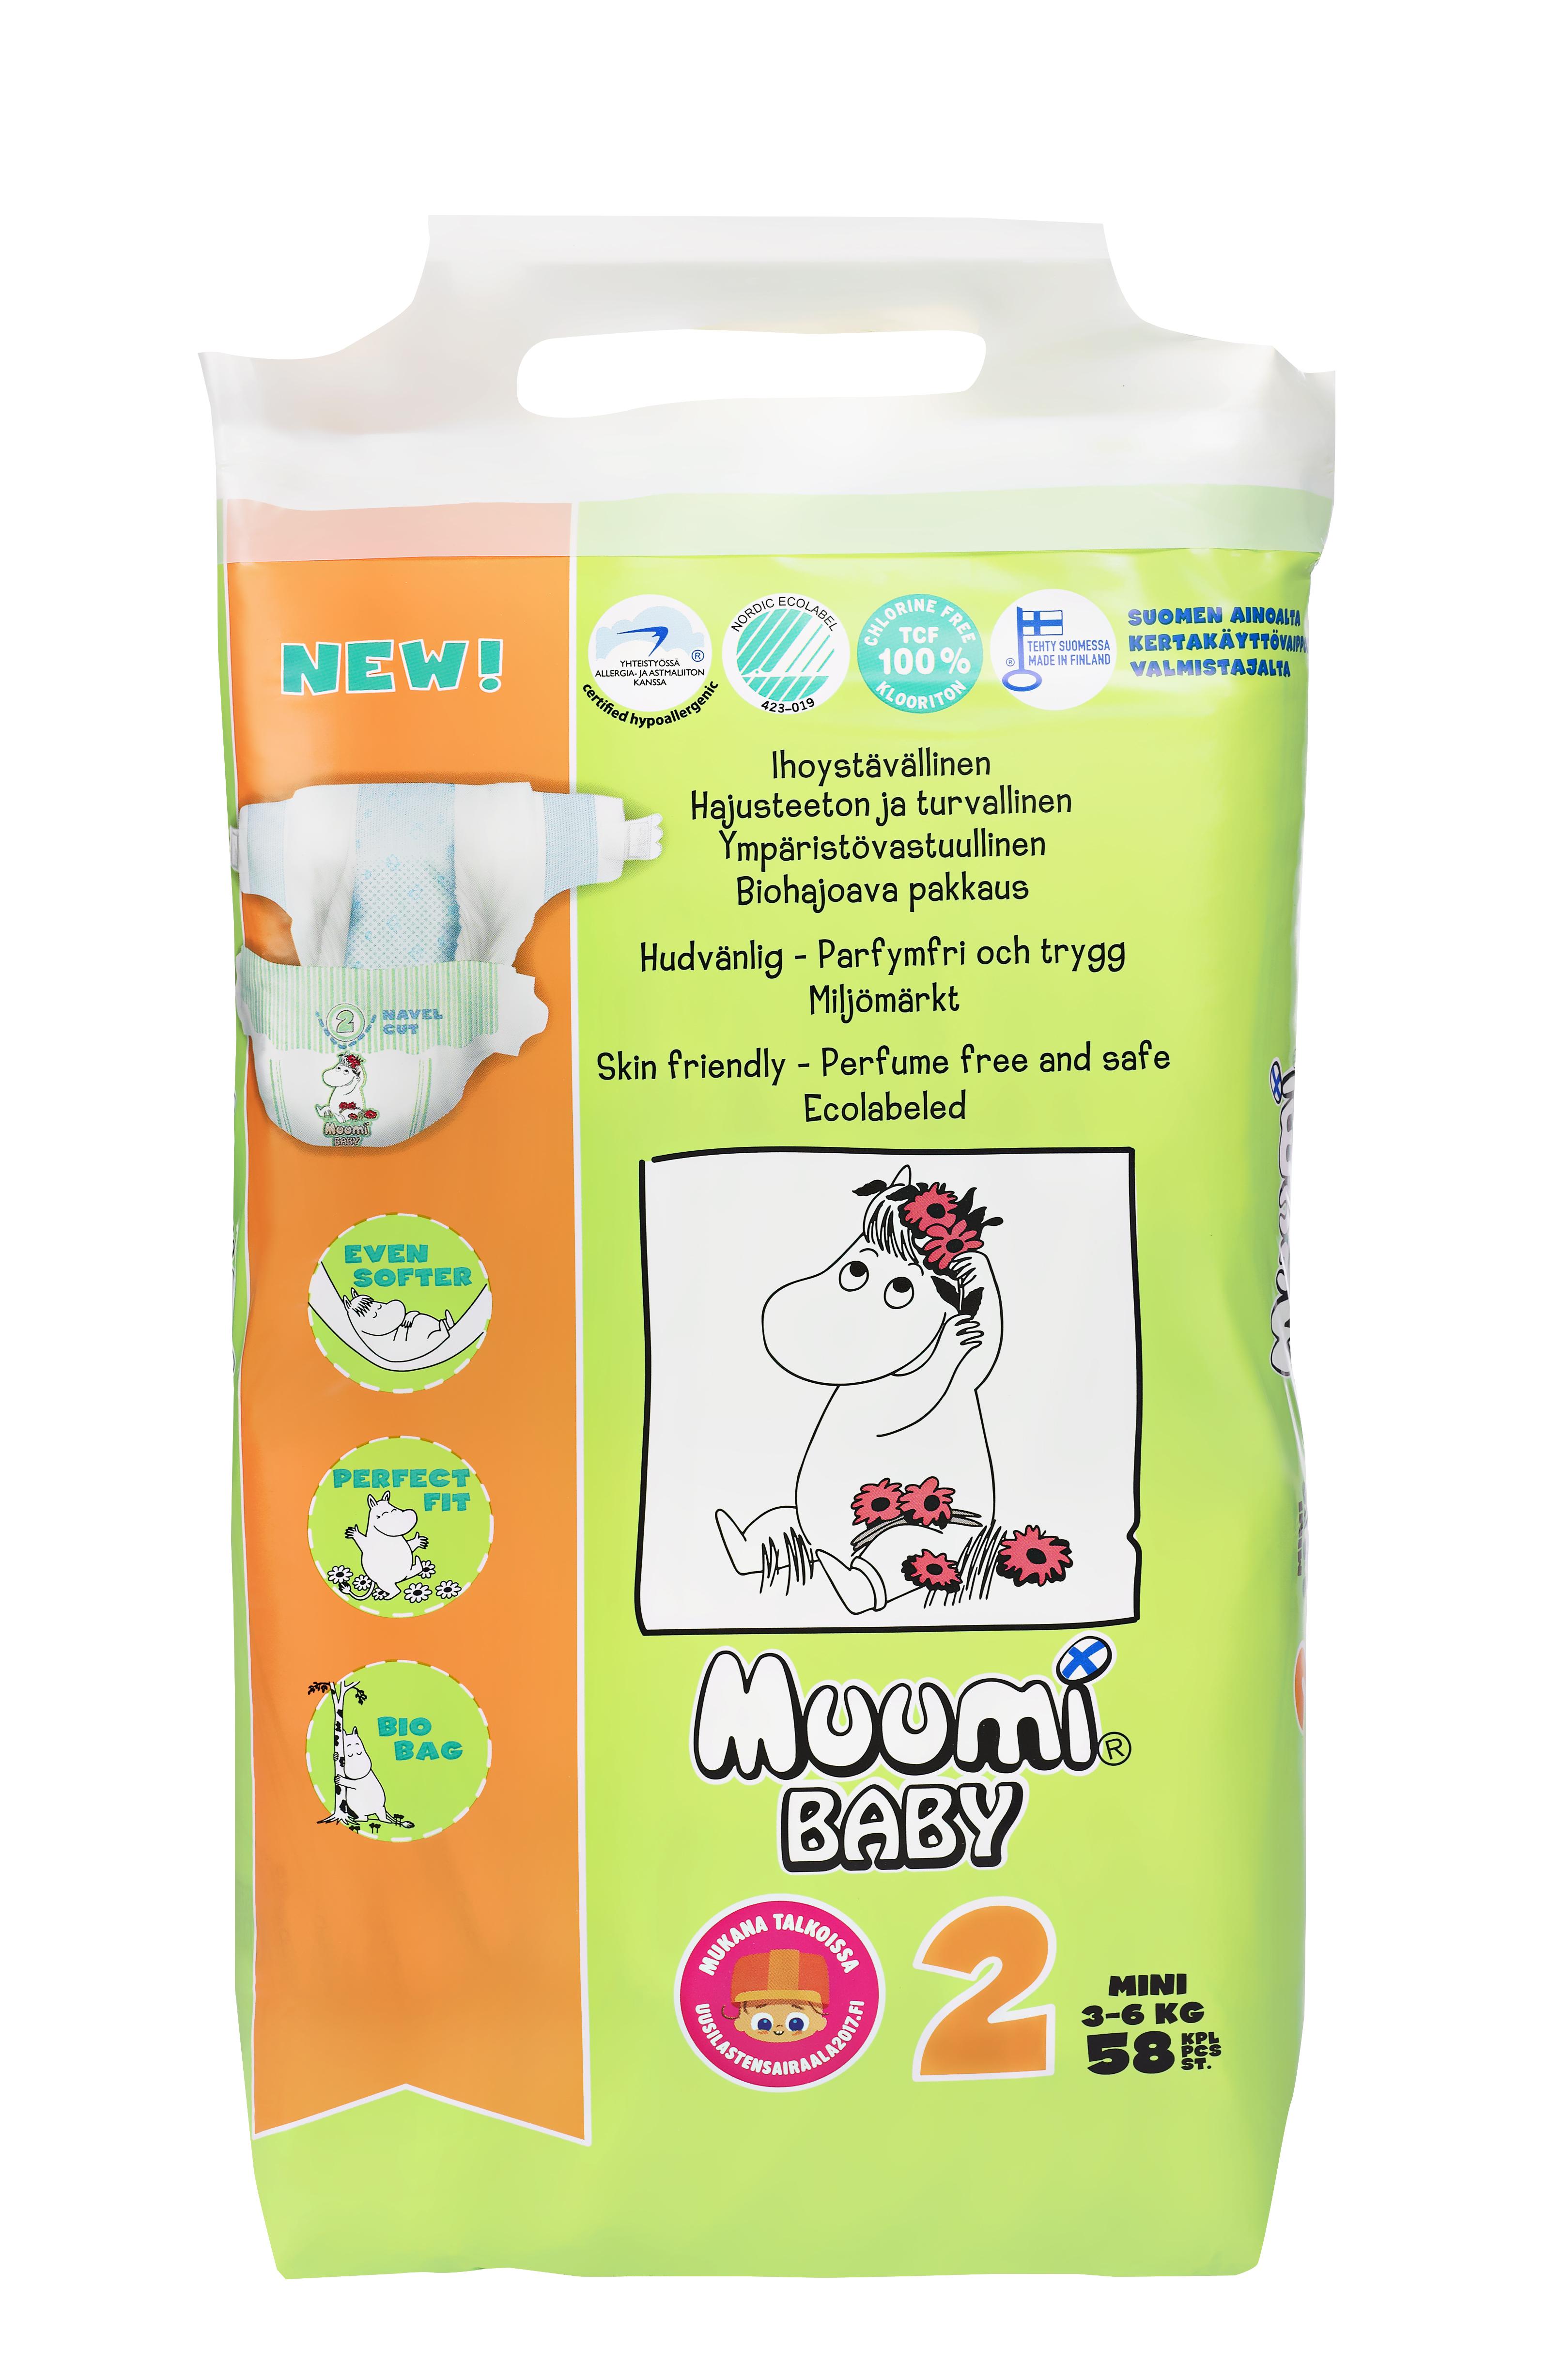 Muumi-Baby